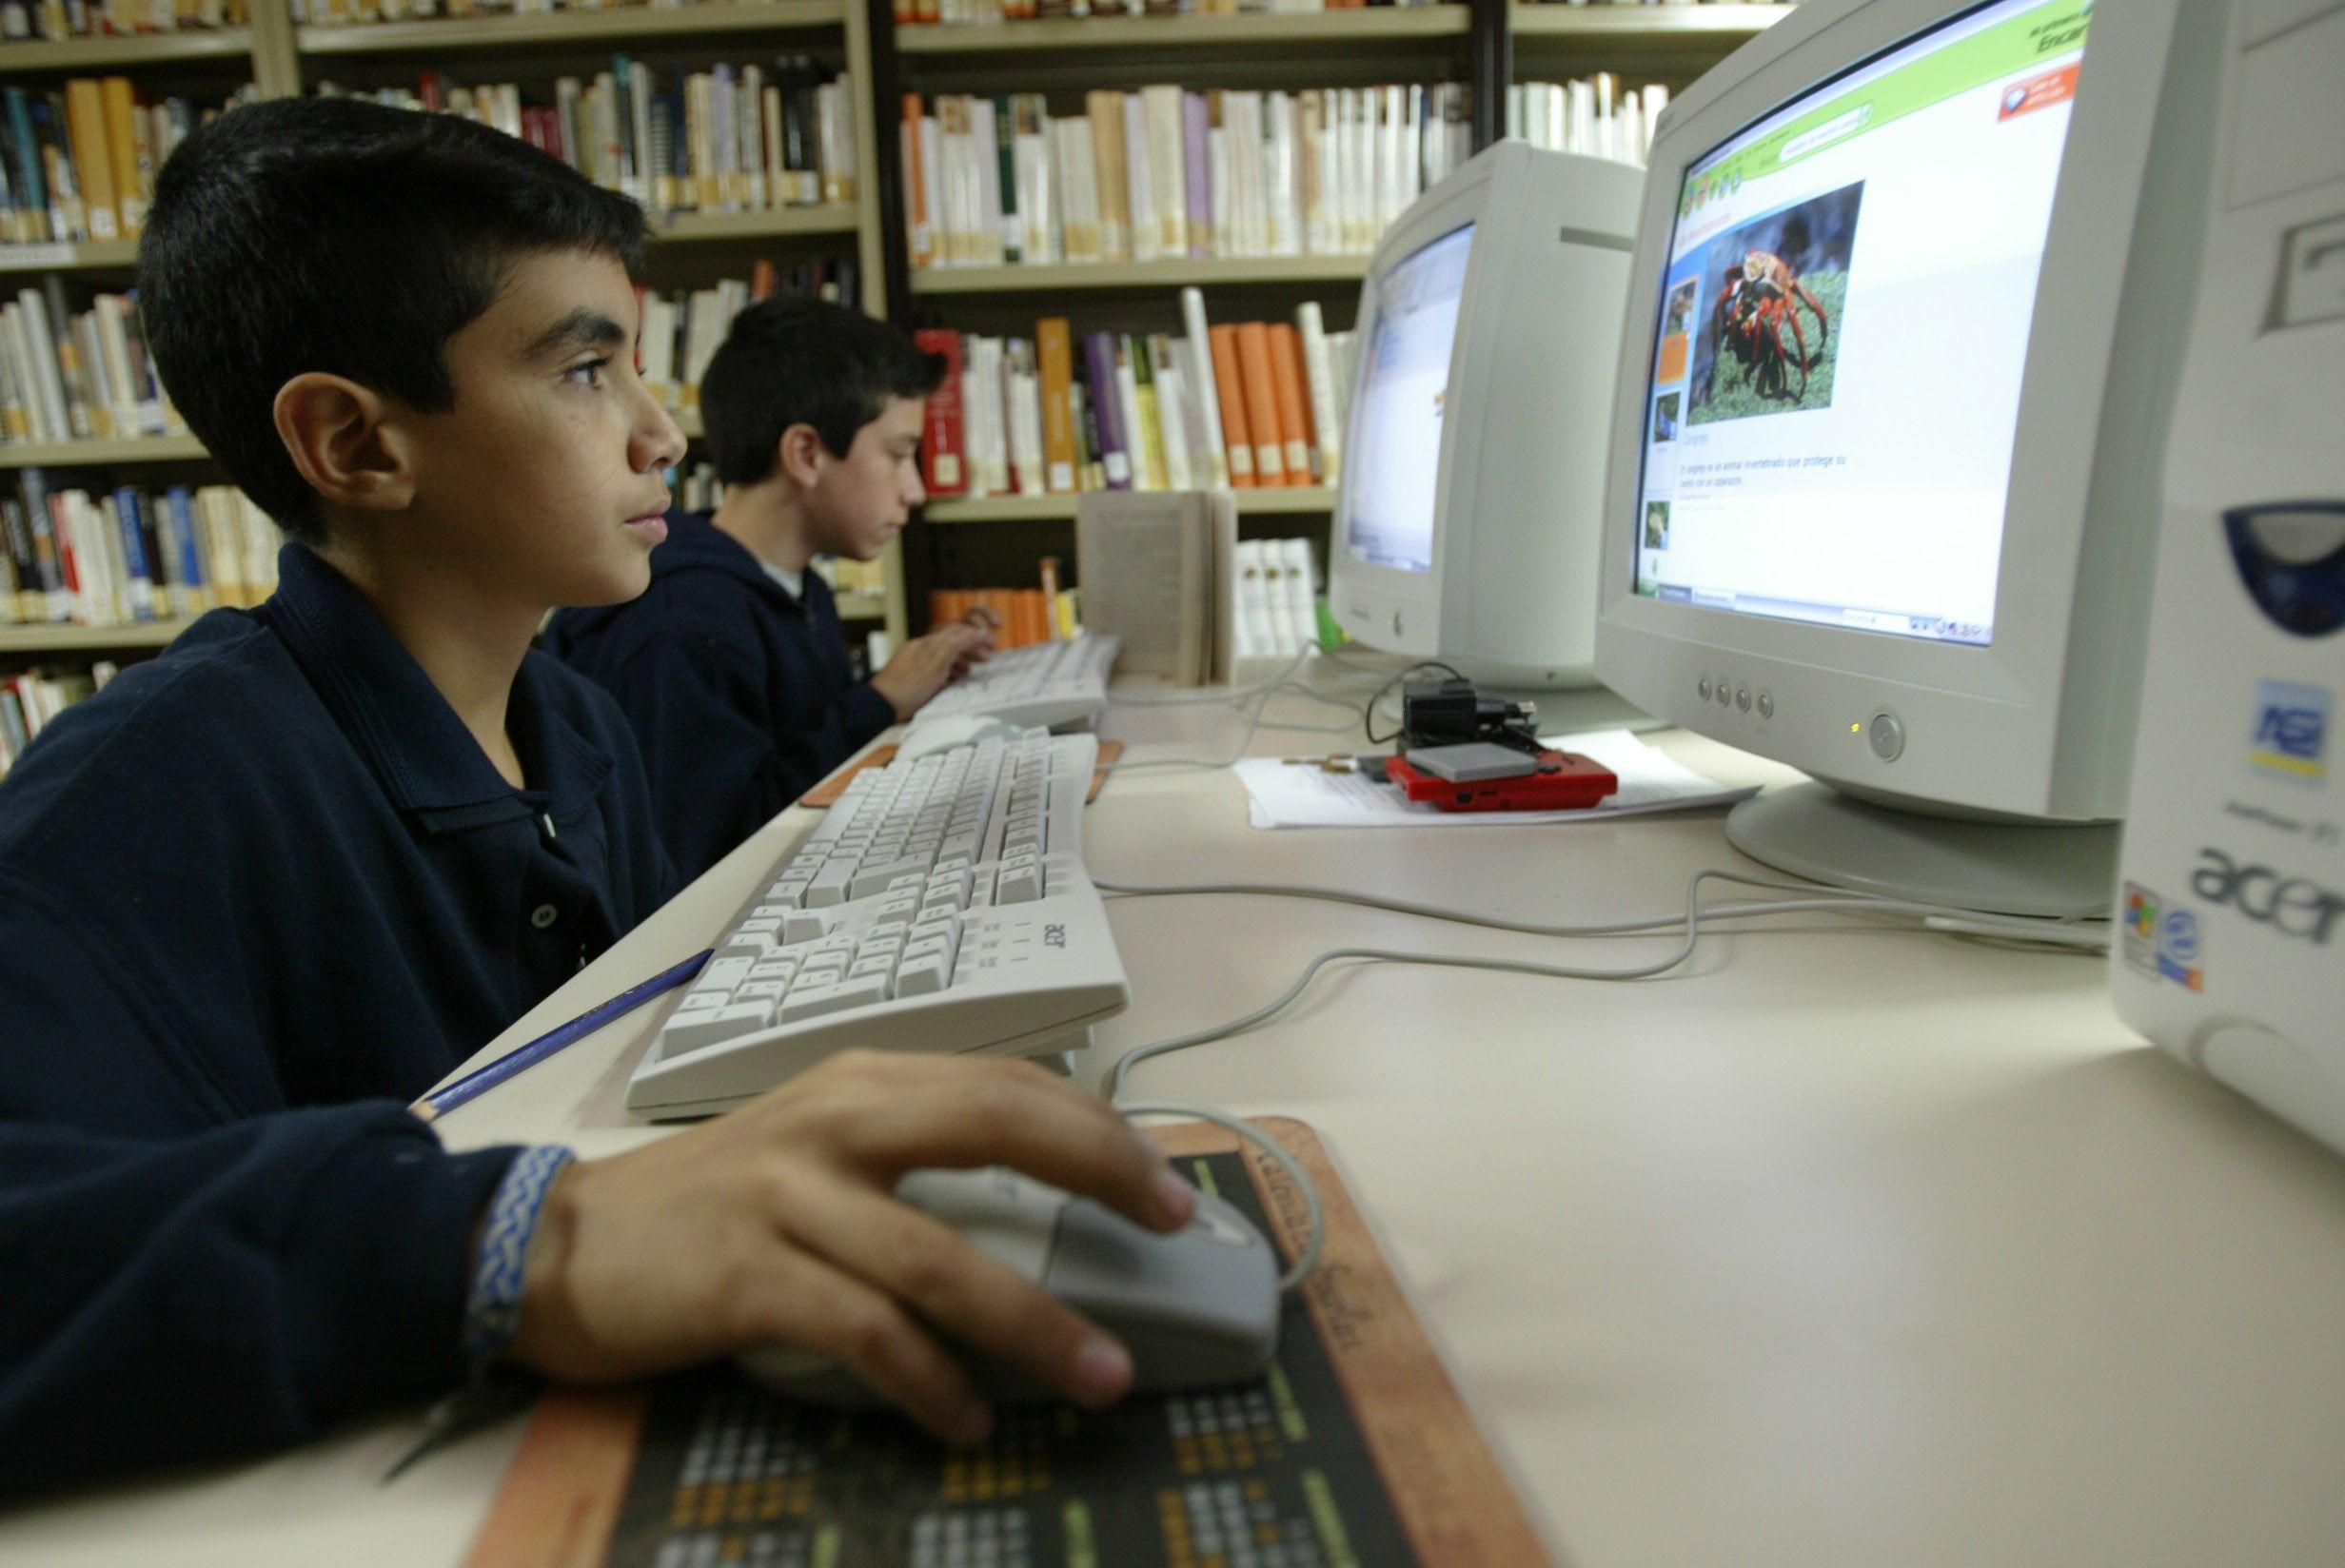 Por el avance de Internet, 2 de cada 10 chicos ya no miran televisión